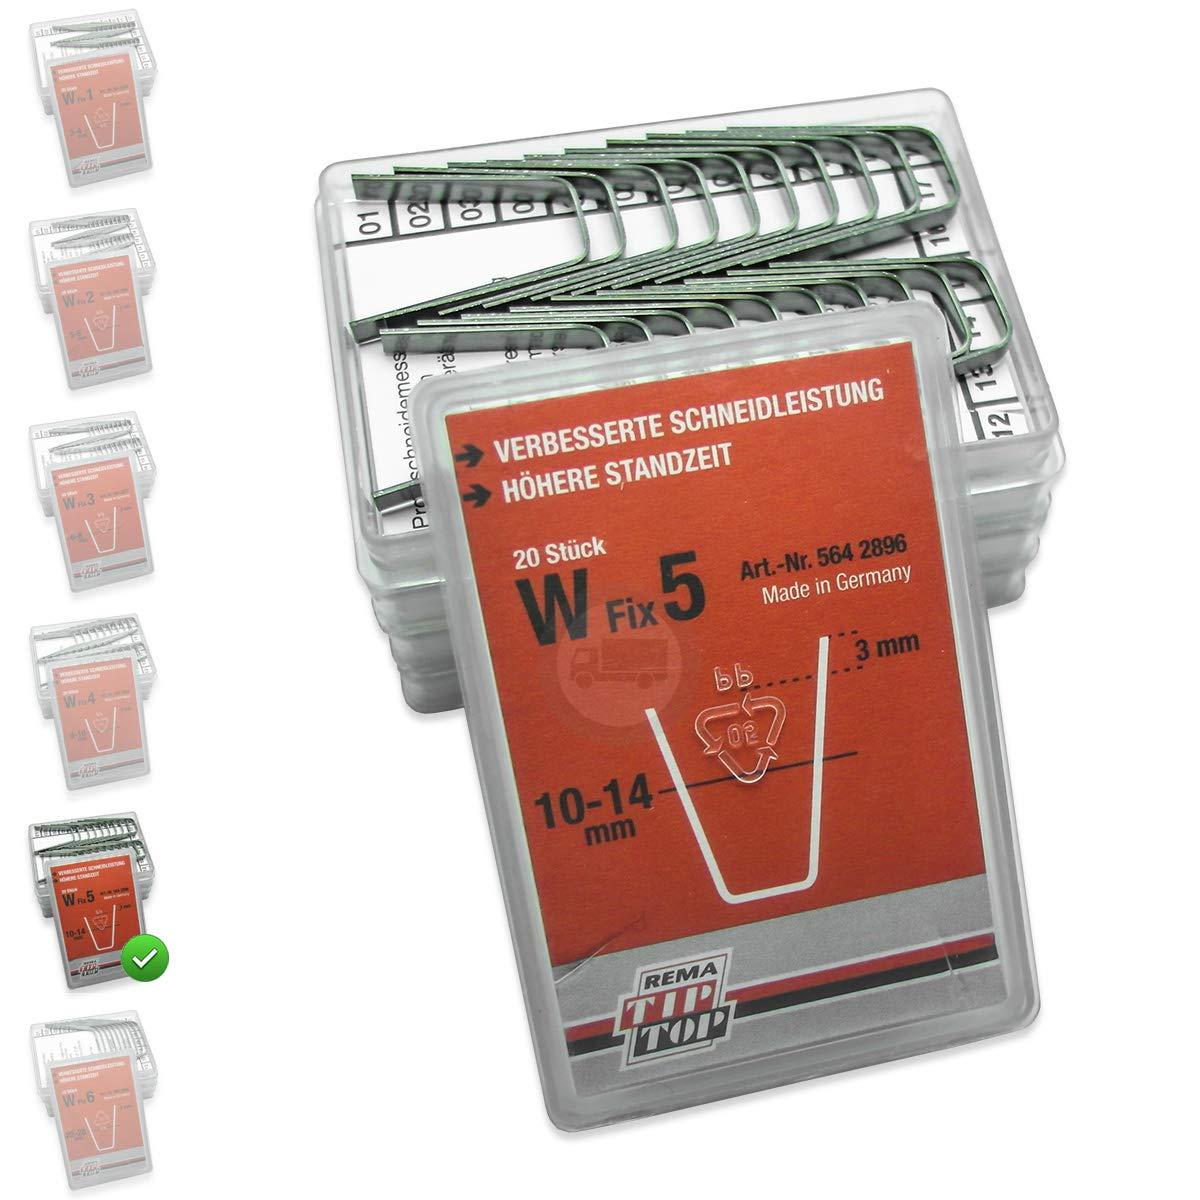 W-FIX 3 ⇢ Schneidemesser 6-8 mm f/ür Reifen-Profilschneideger/äte 5642872